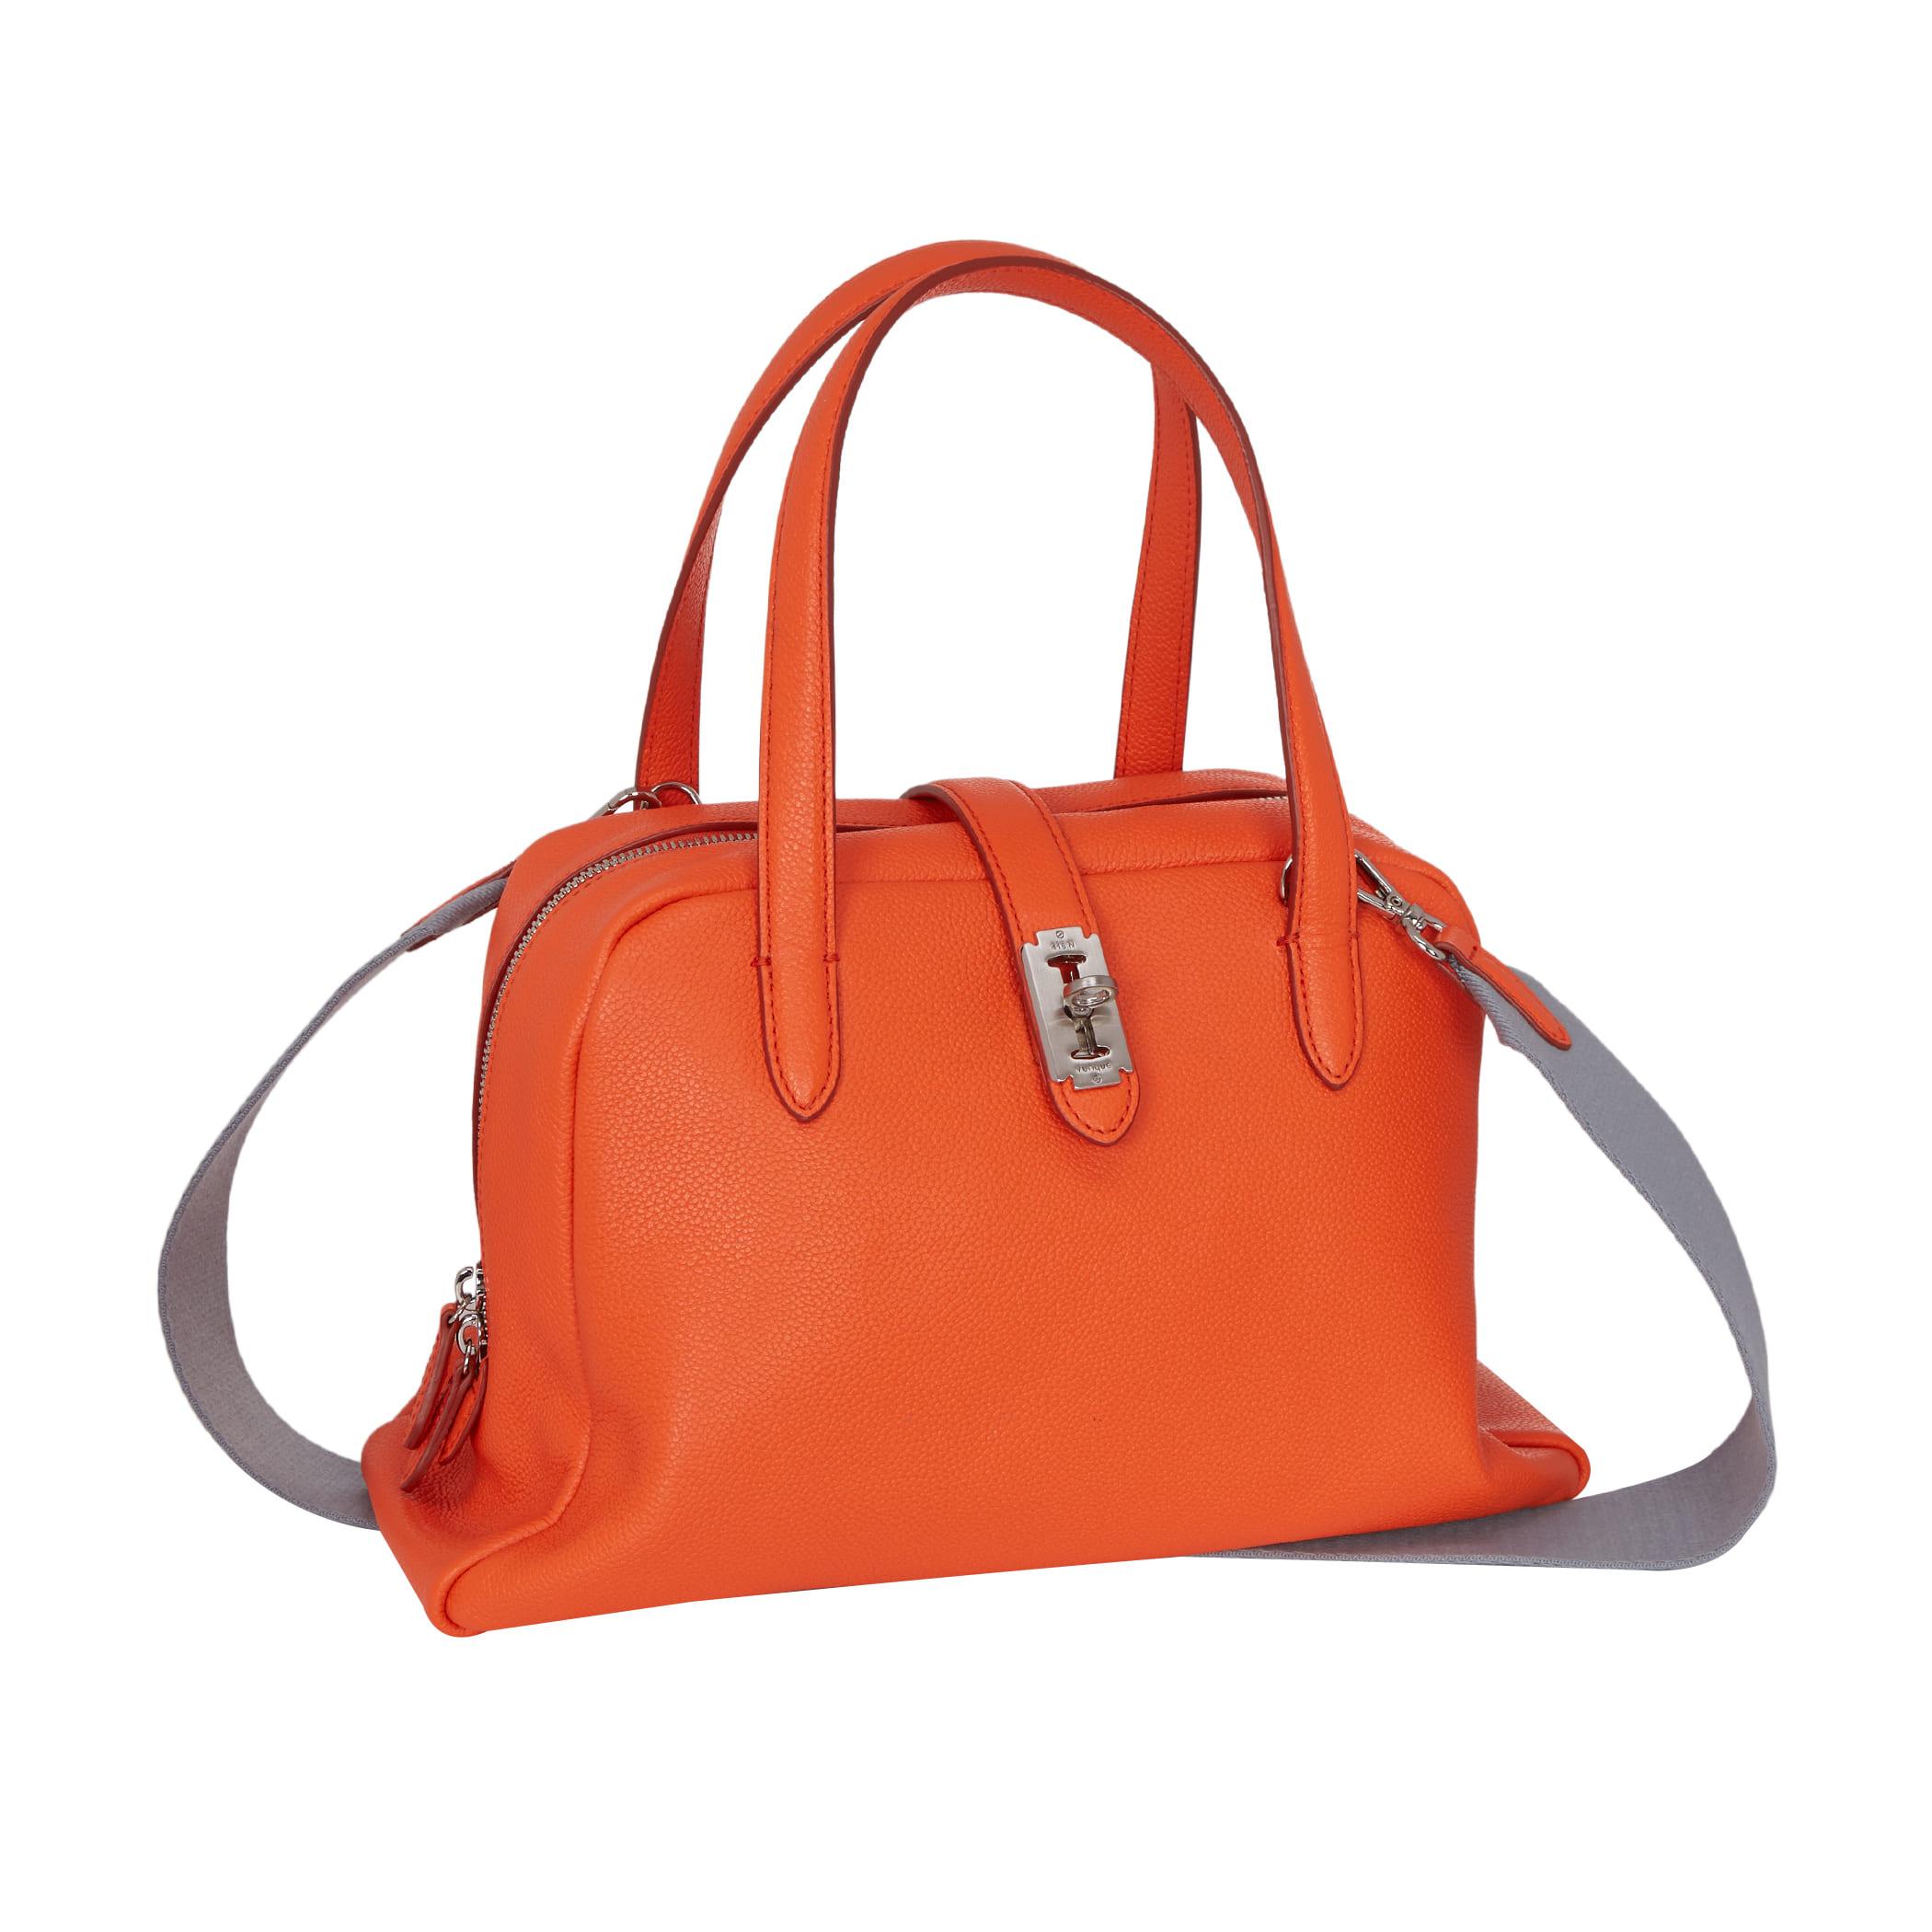 Toque tote M (토크 토트 미듐) Bright orange